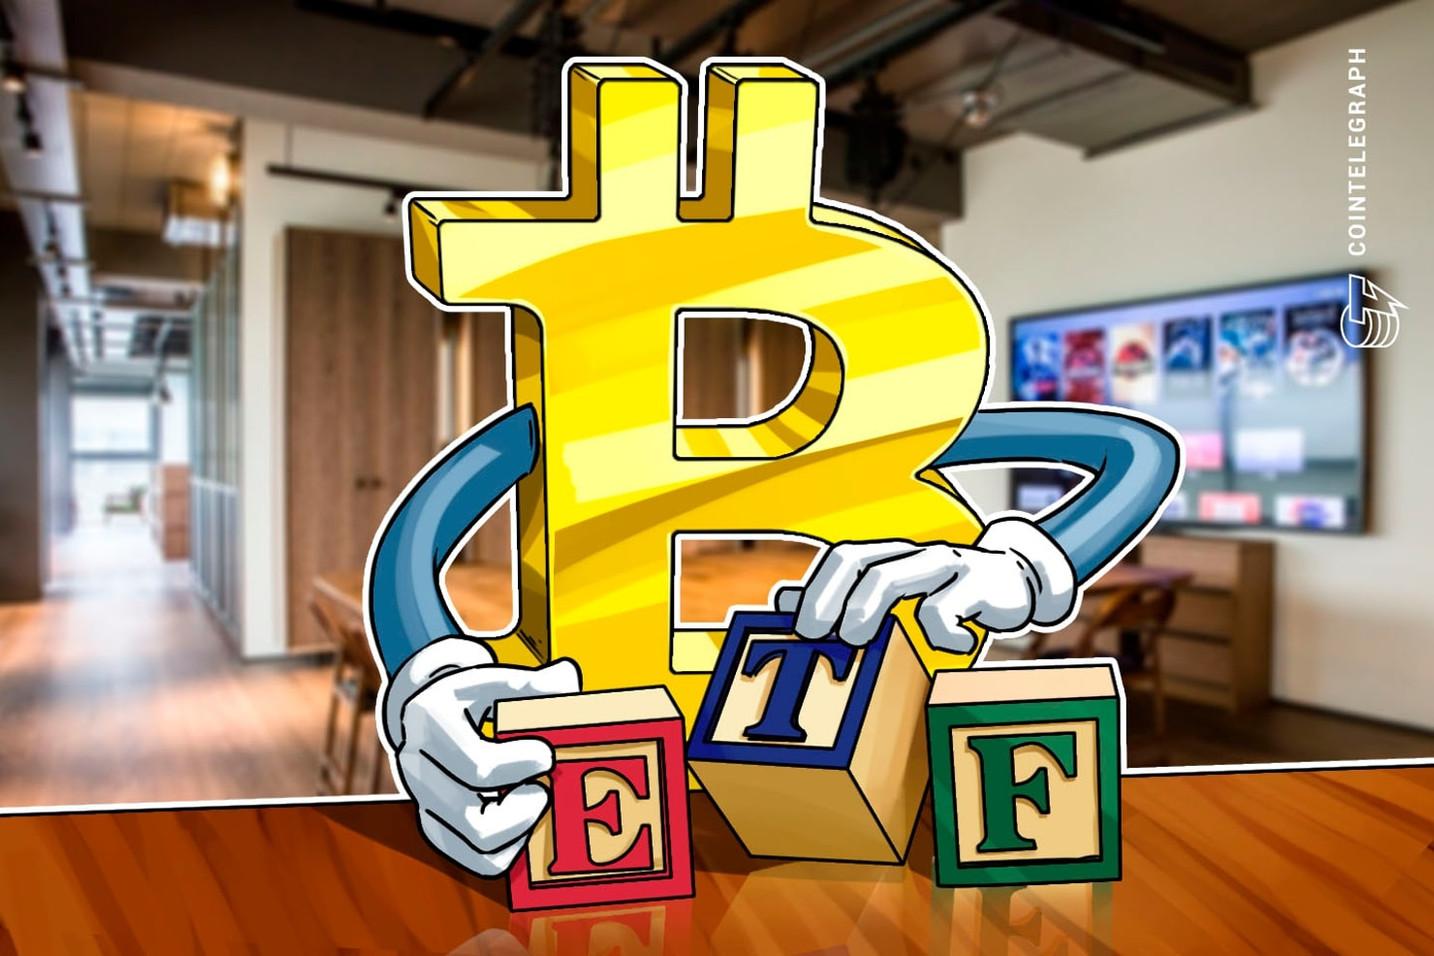 ¿Qué es un ETF de Bitcoin realmente y por qué importa?